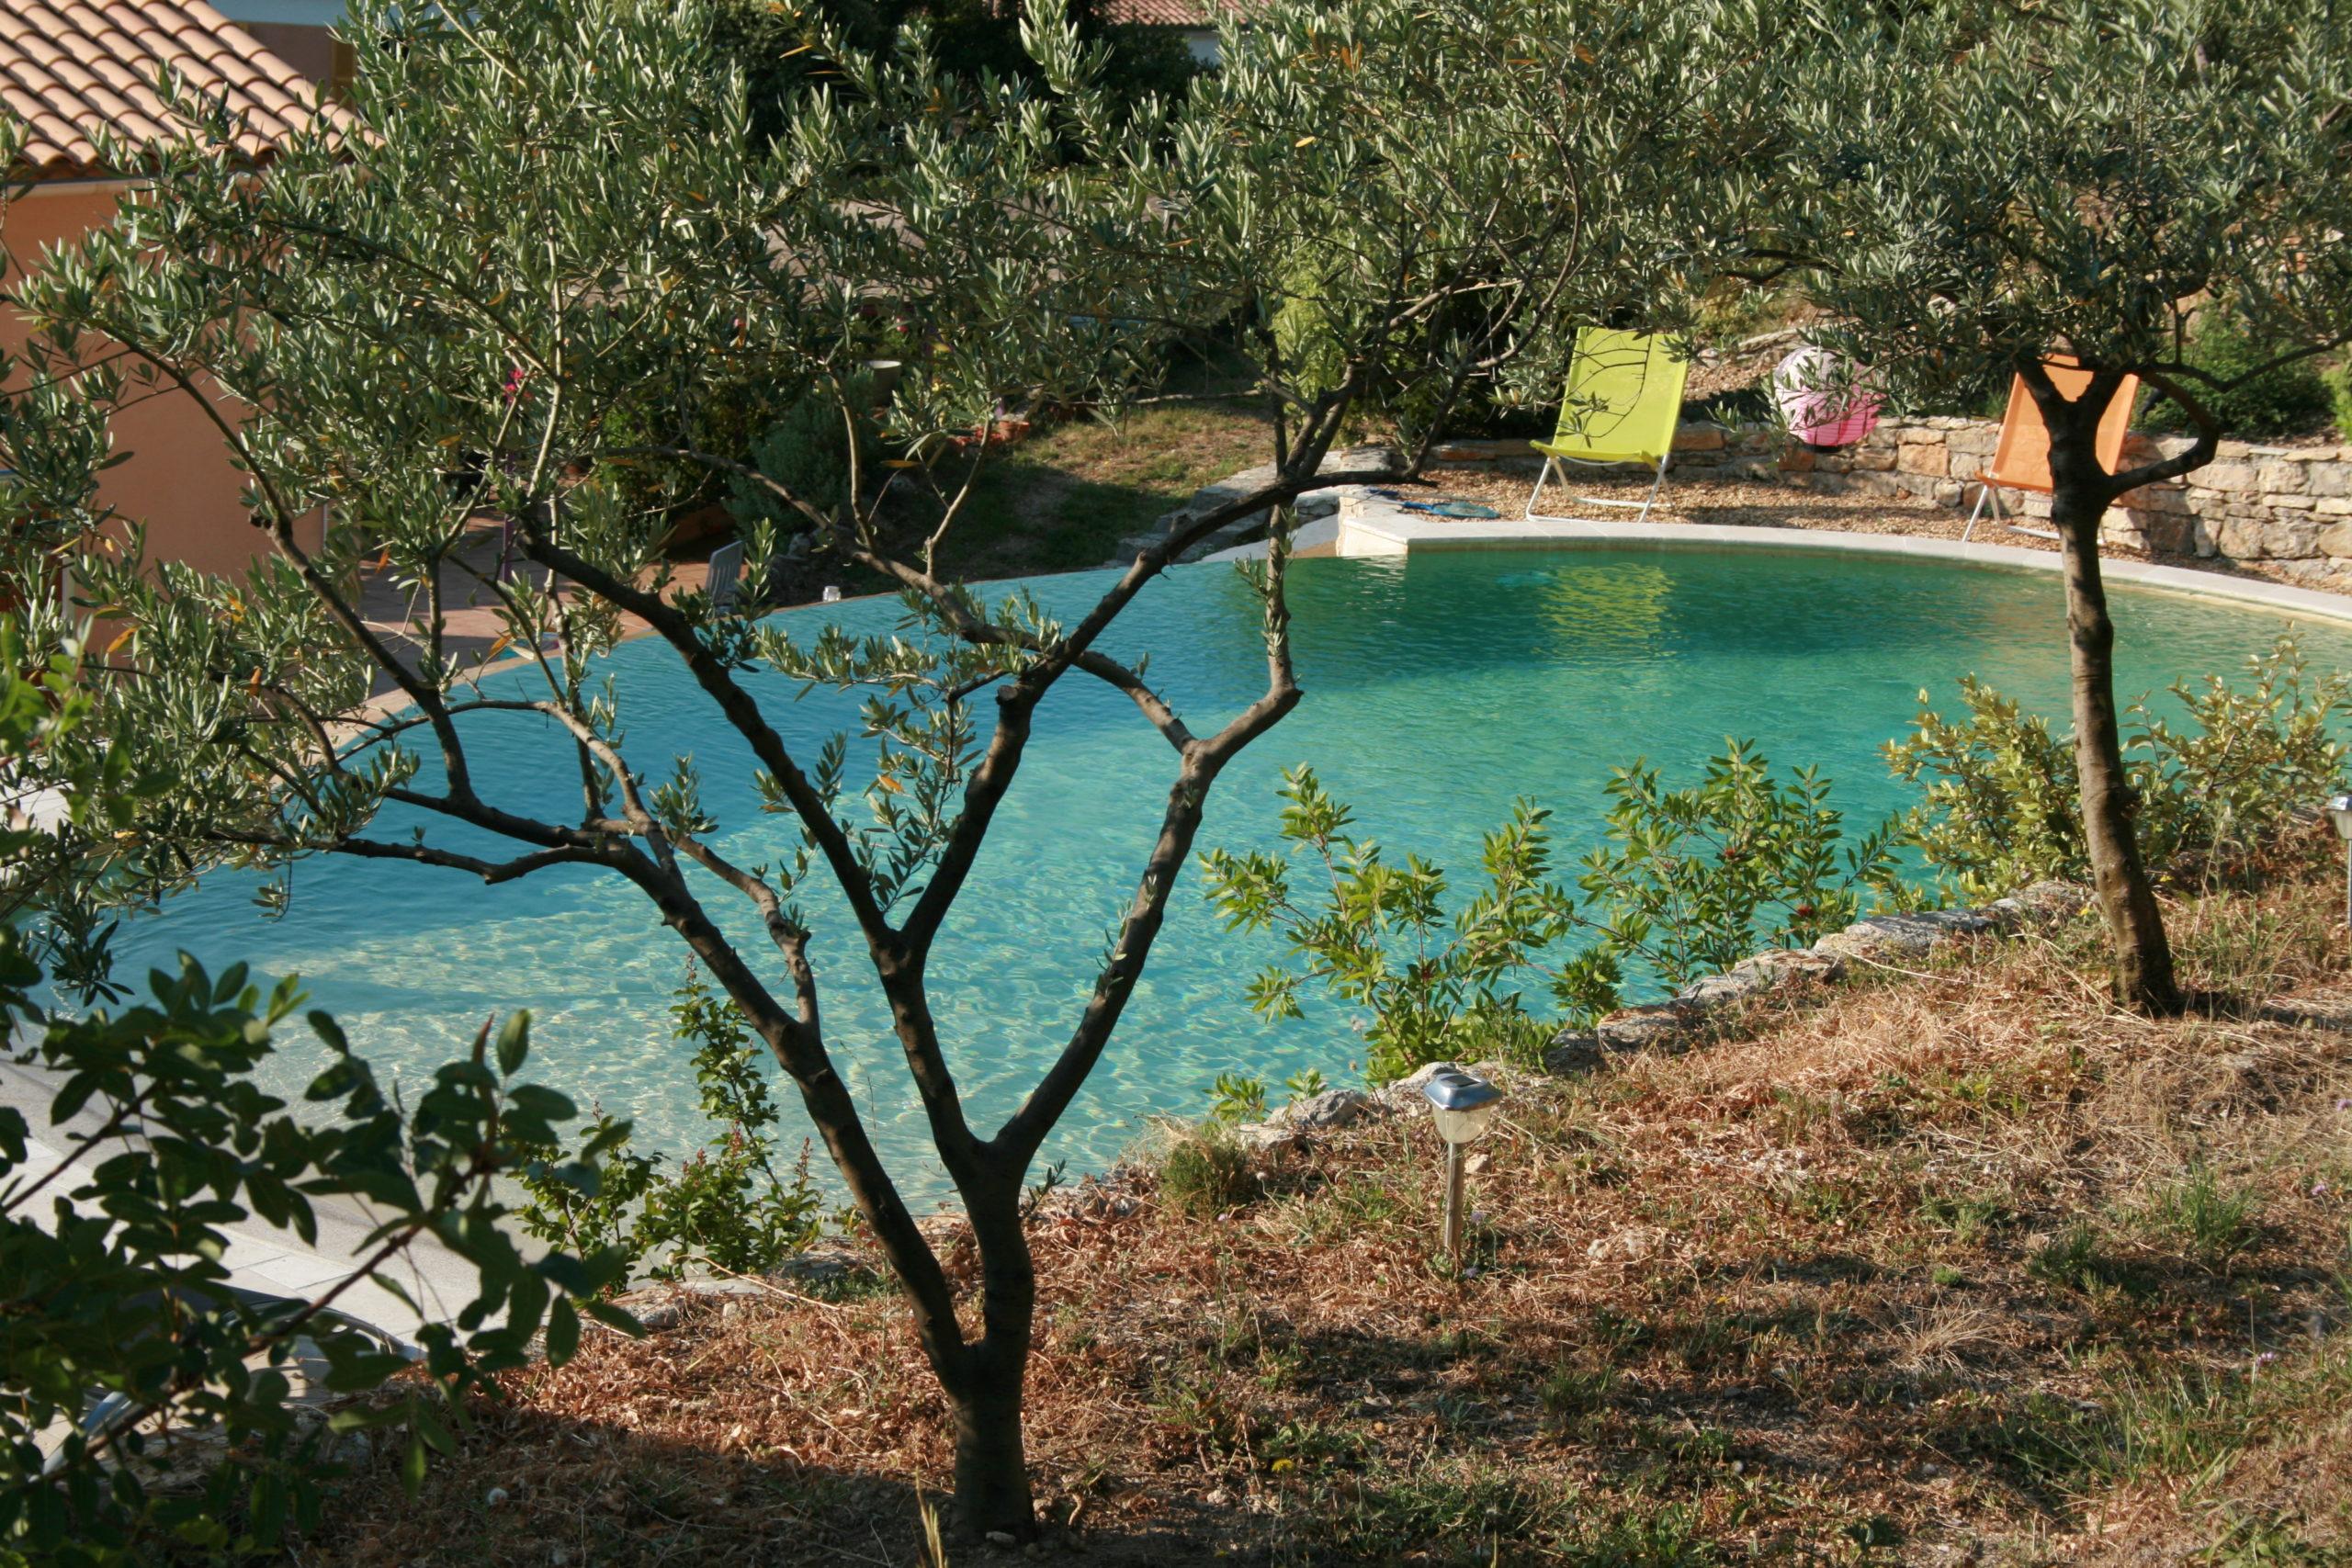 Dracénie Provence Verdon Agglomération - La Roque